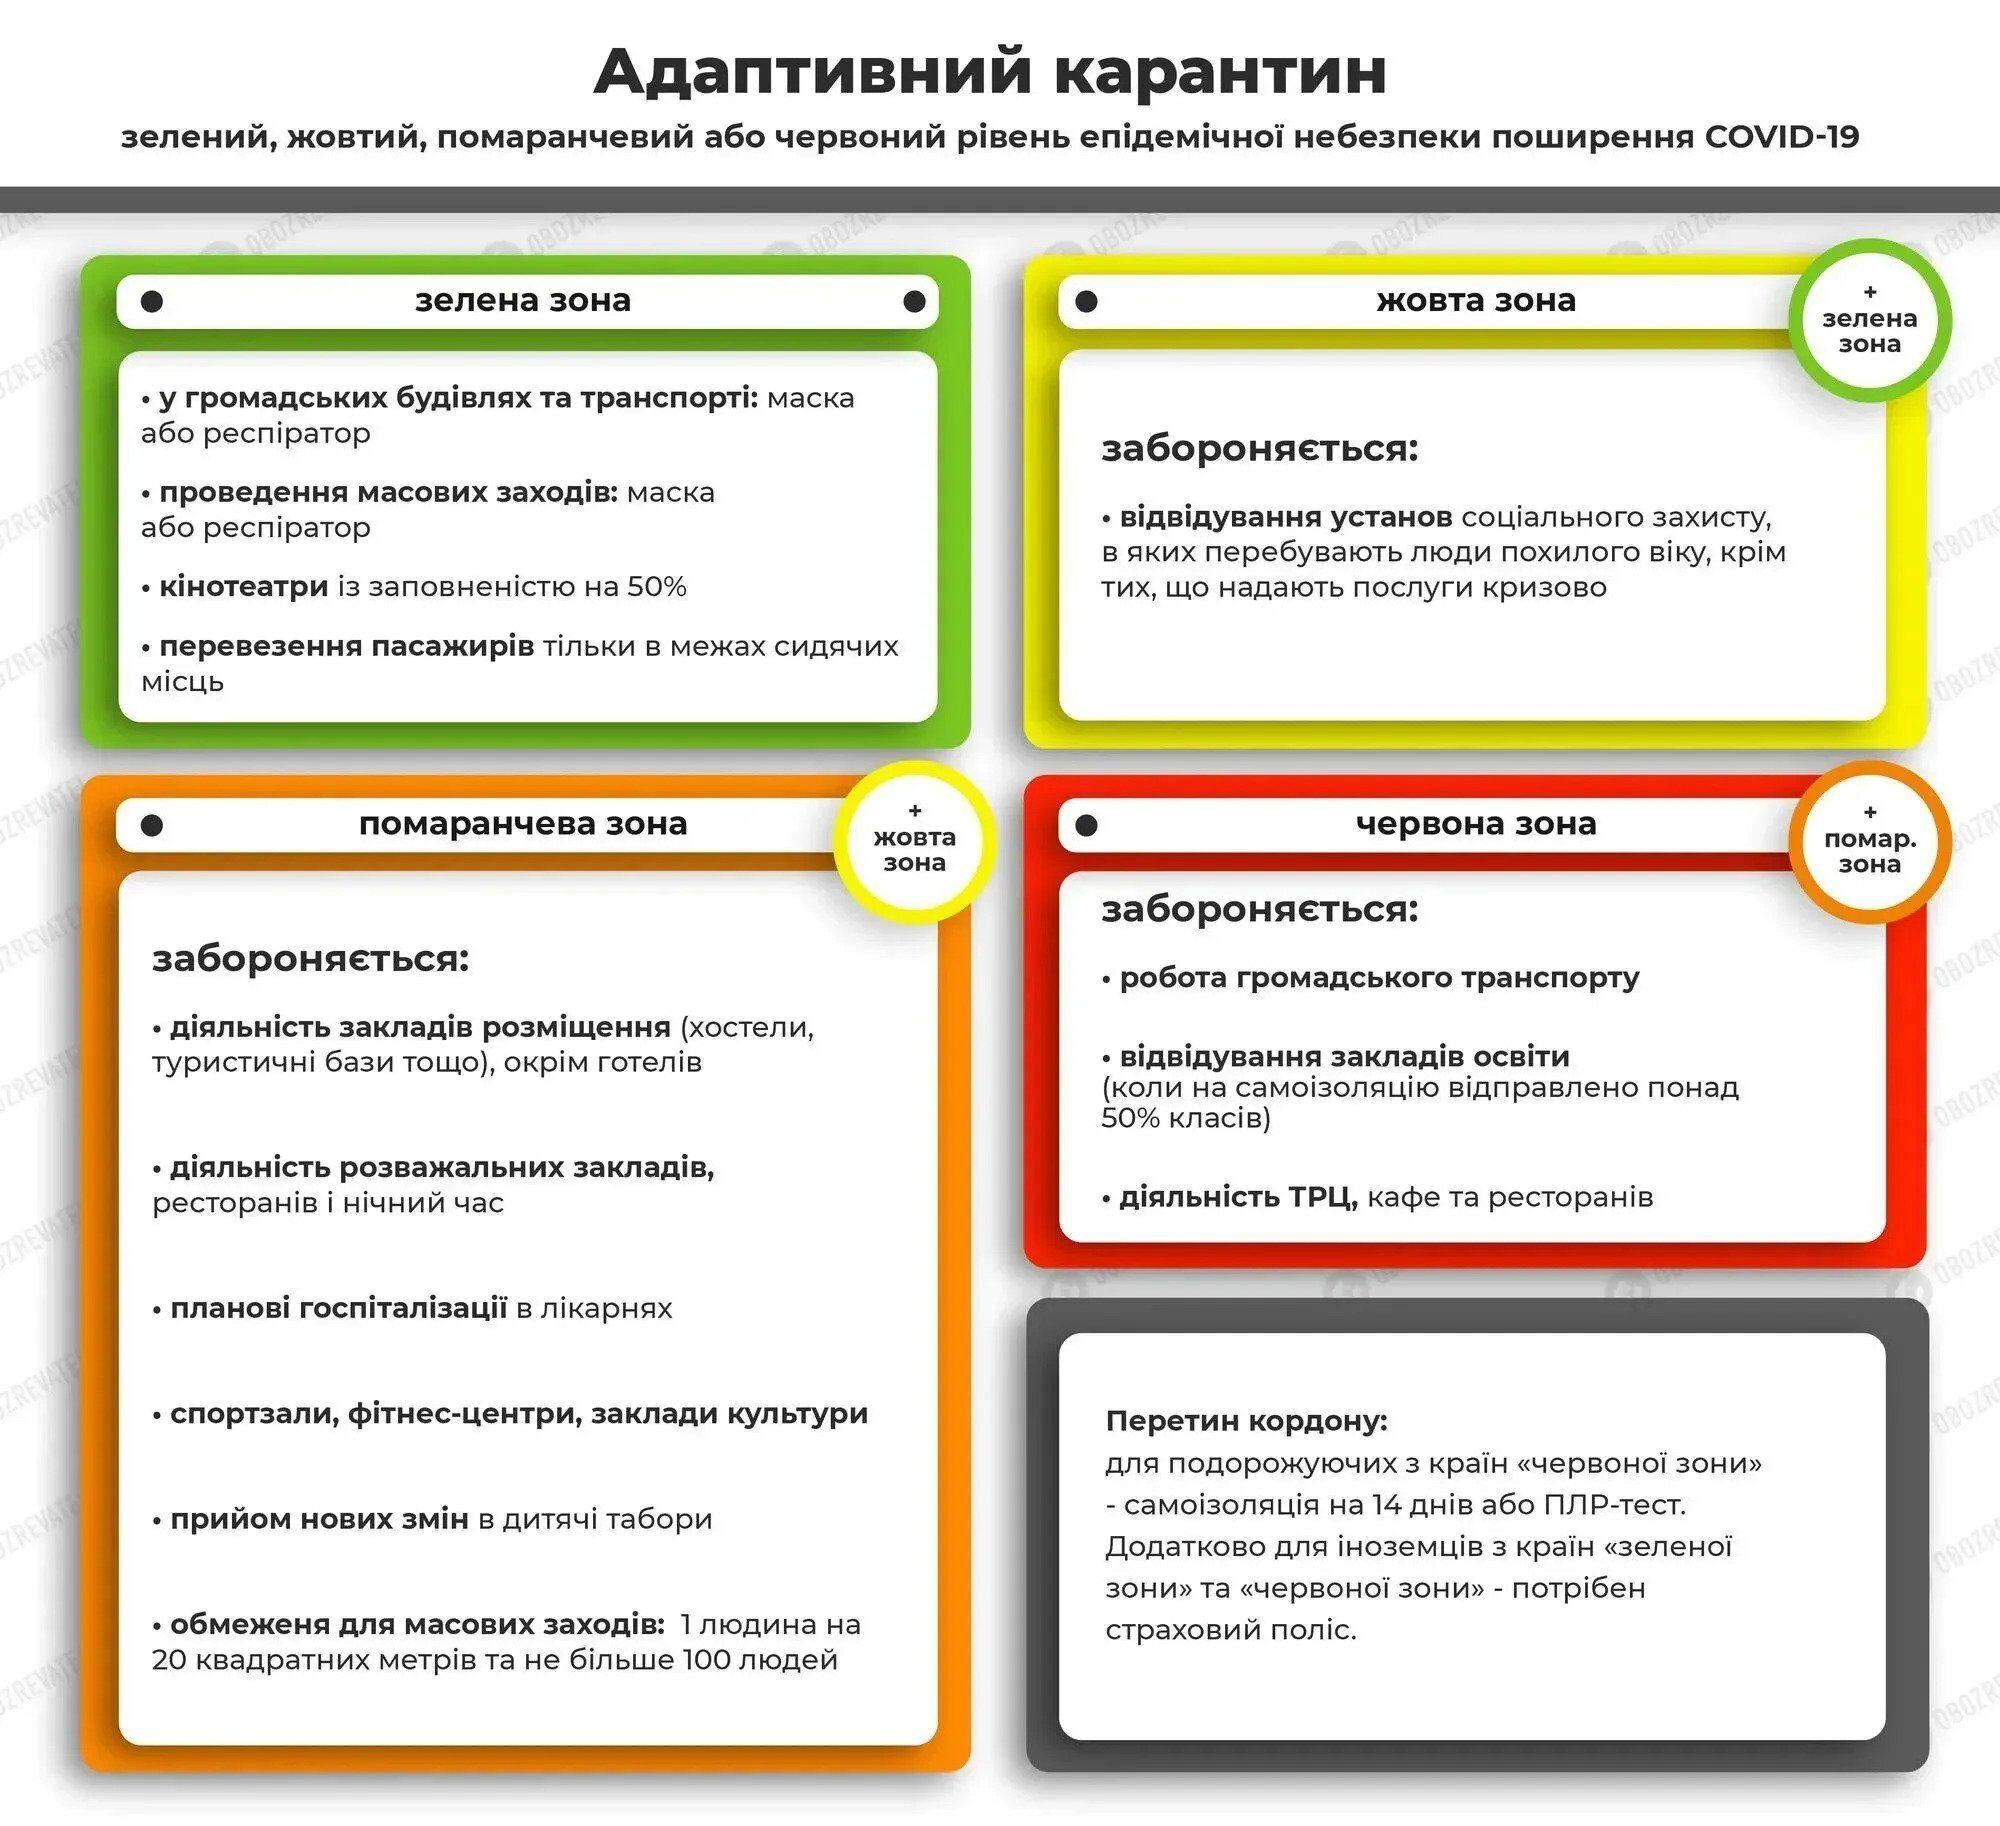 В Украине снова введут адаптивный карантин: нардеп назвал дату